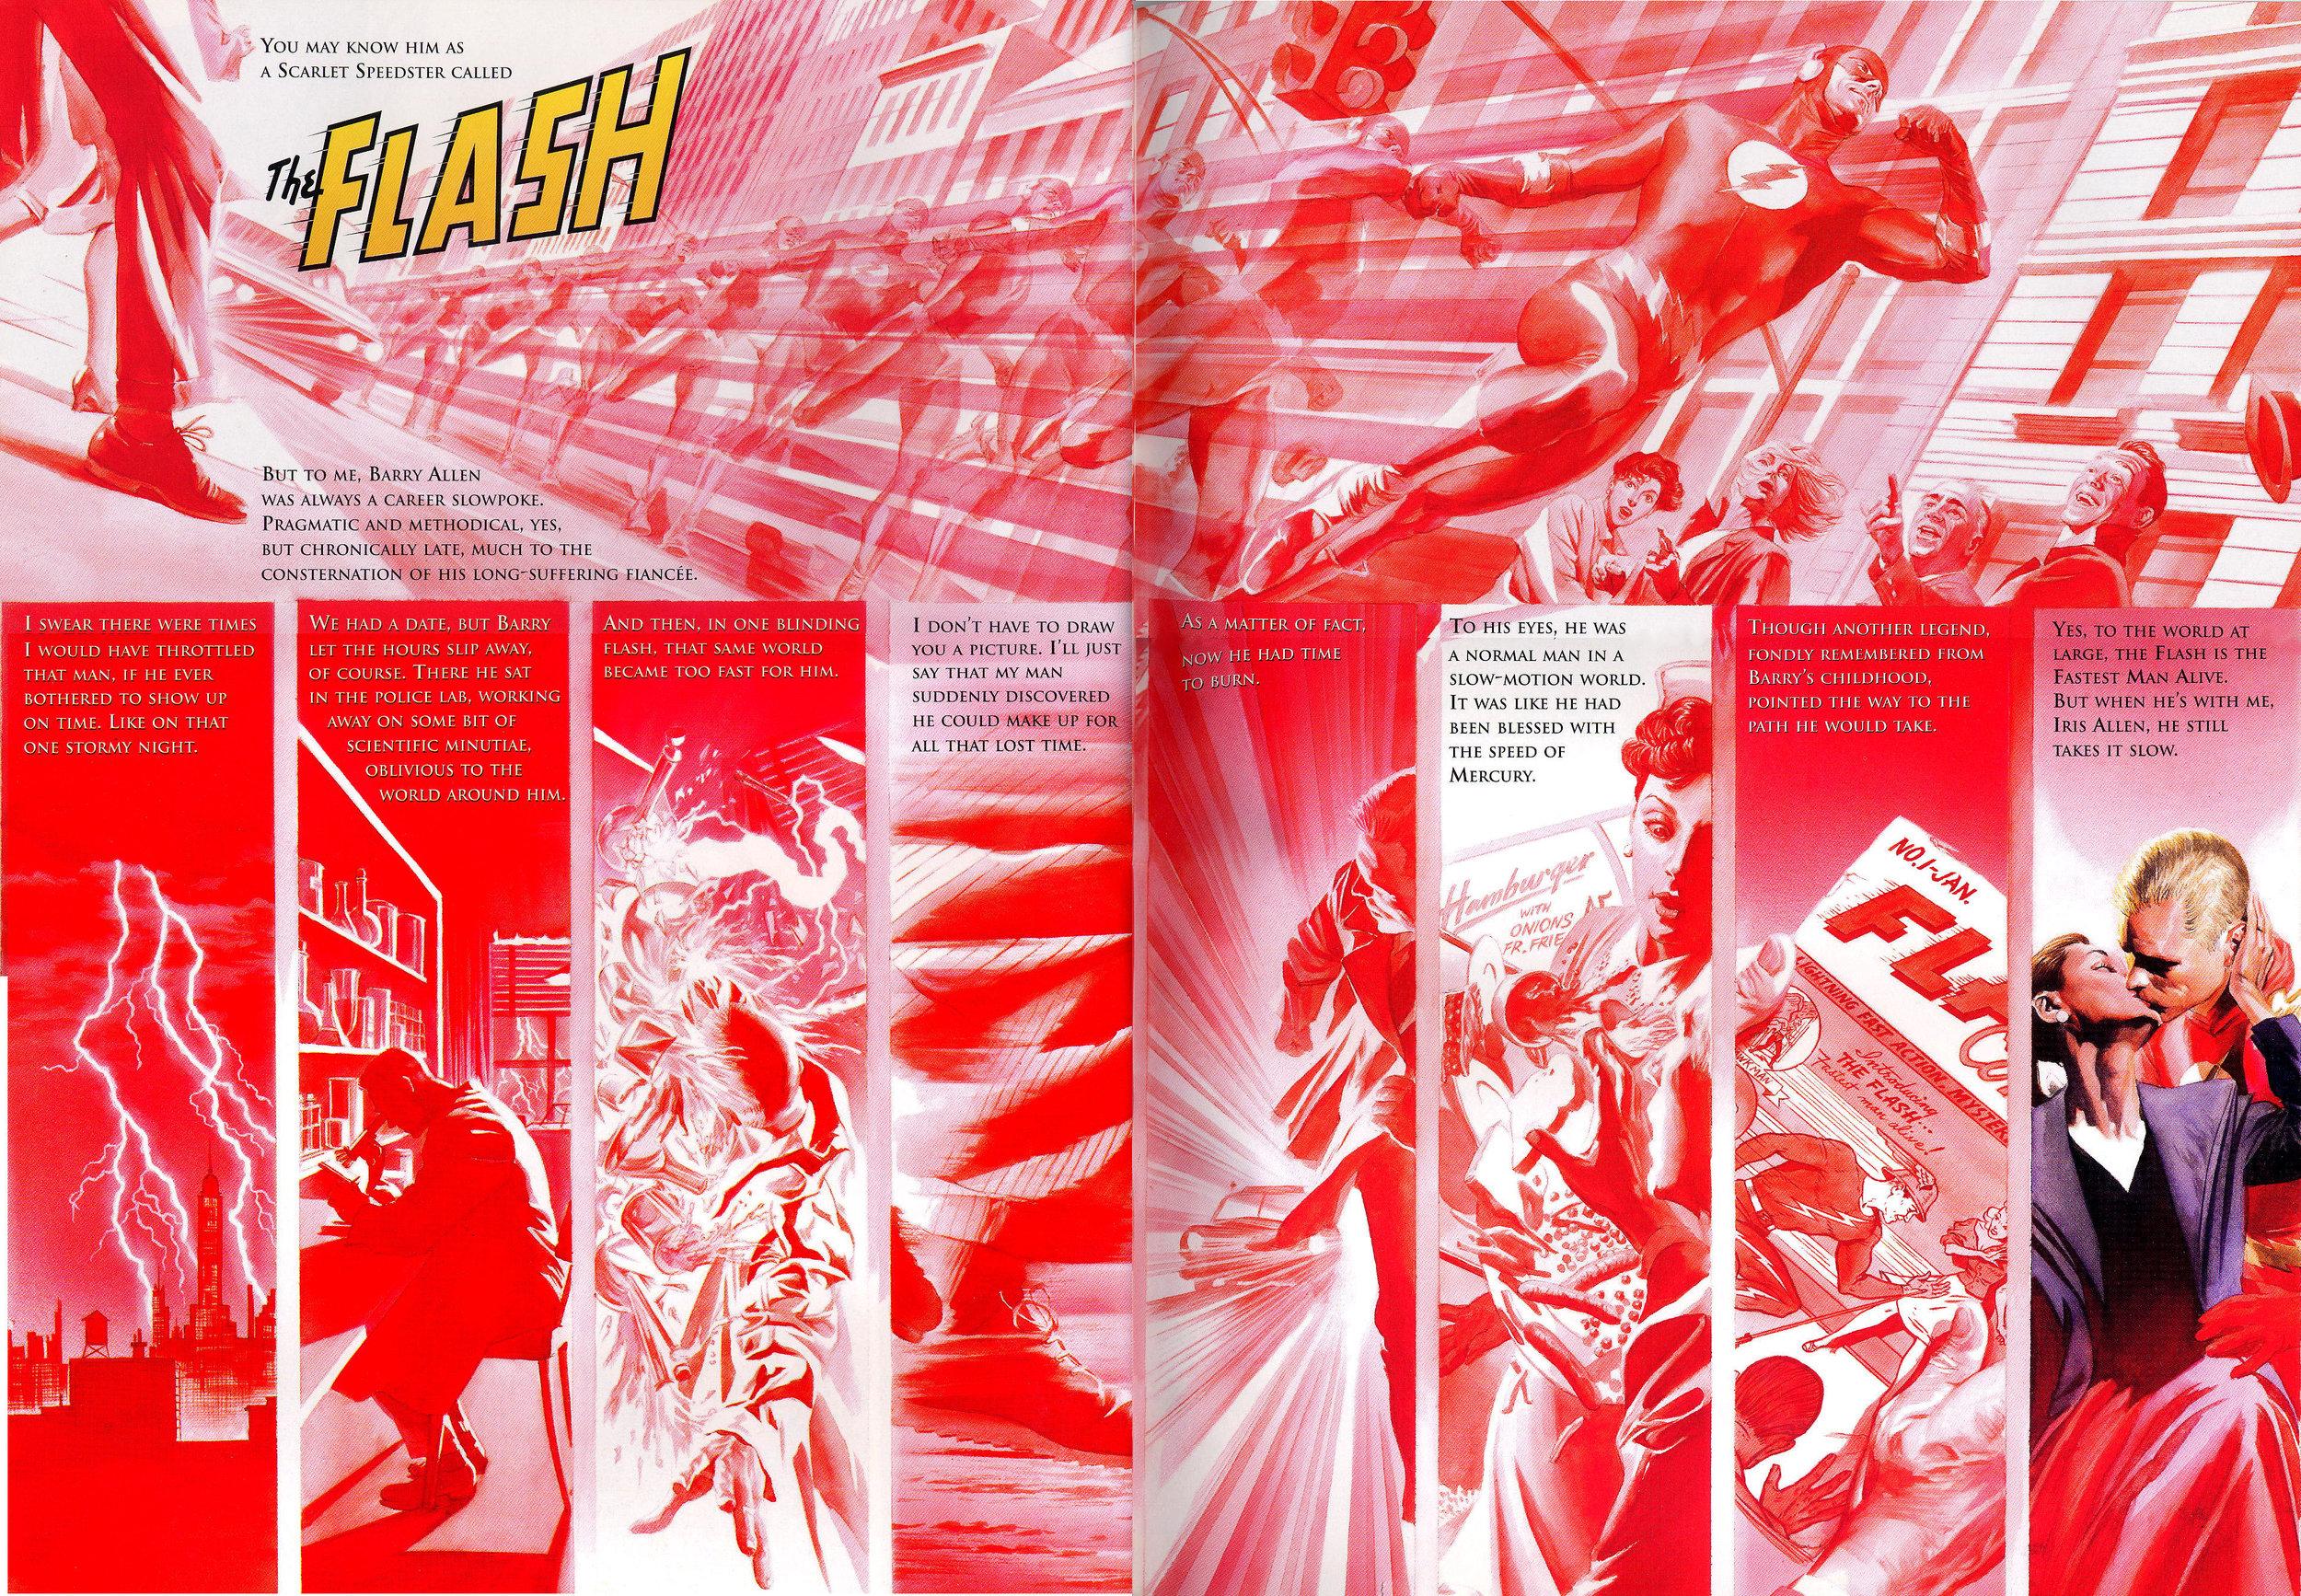 JLA: Secret Origins (2002) Flash, written by Paul Dini with art by Alex Ross.